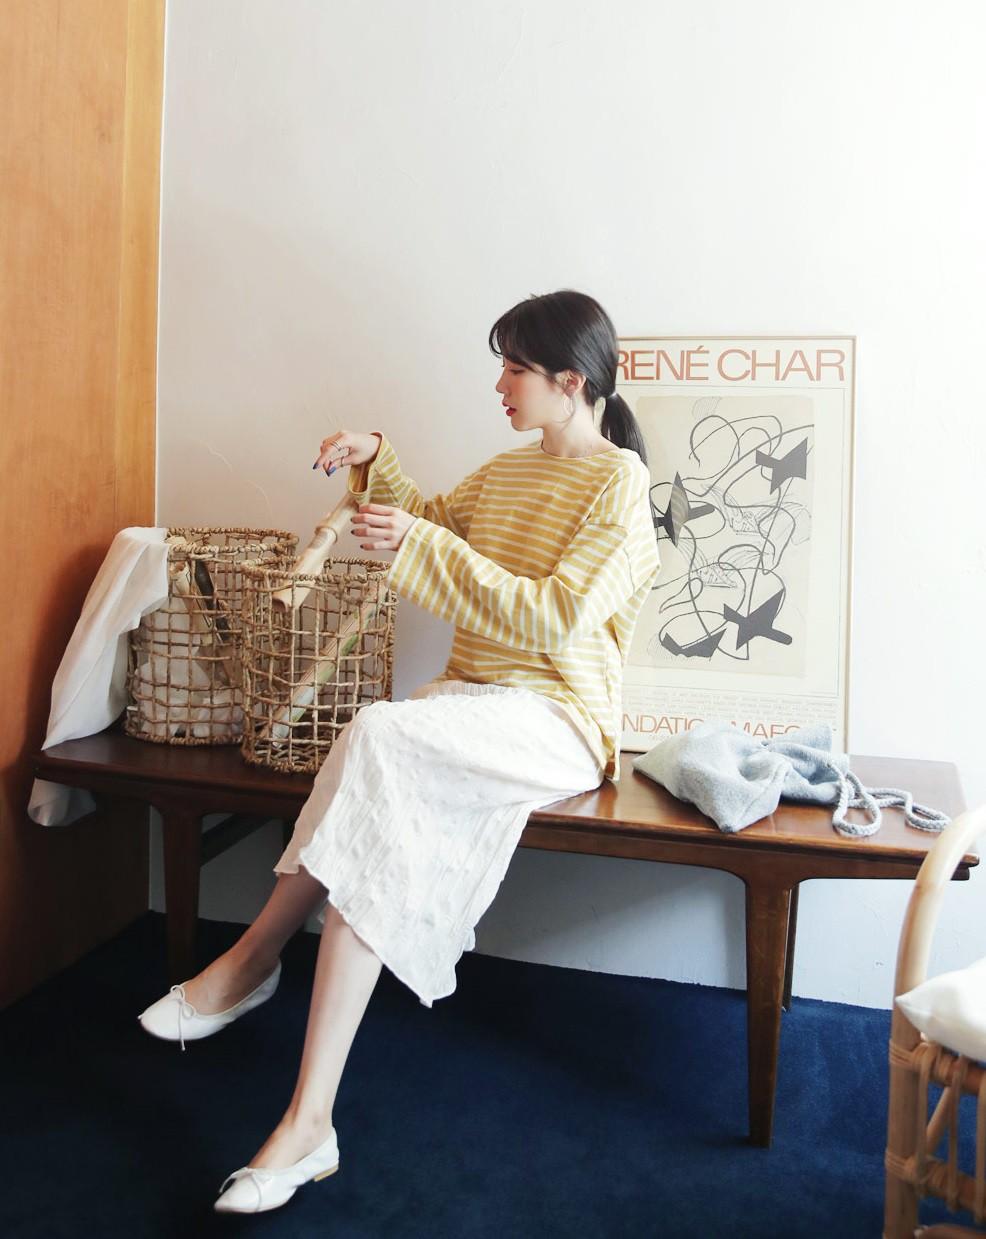 5 kiểu áo thun dài tay hoàn hảo cho những ngày nóng lạnh thất thường, diện lên sành điệu và trẻ trung hết mực - 7